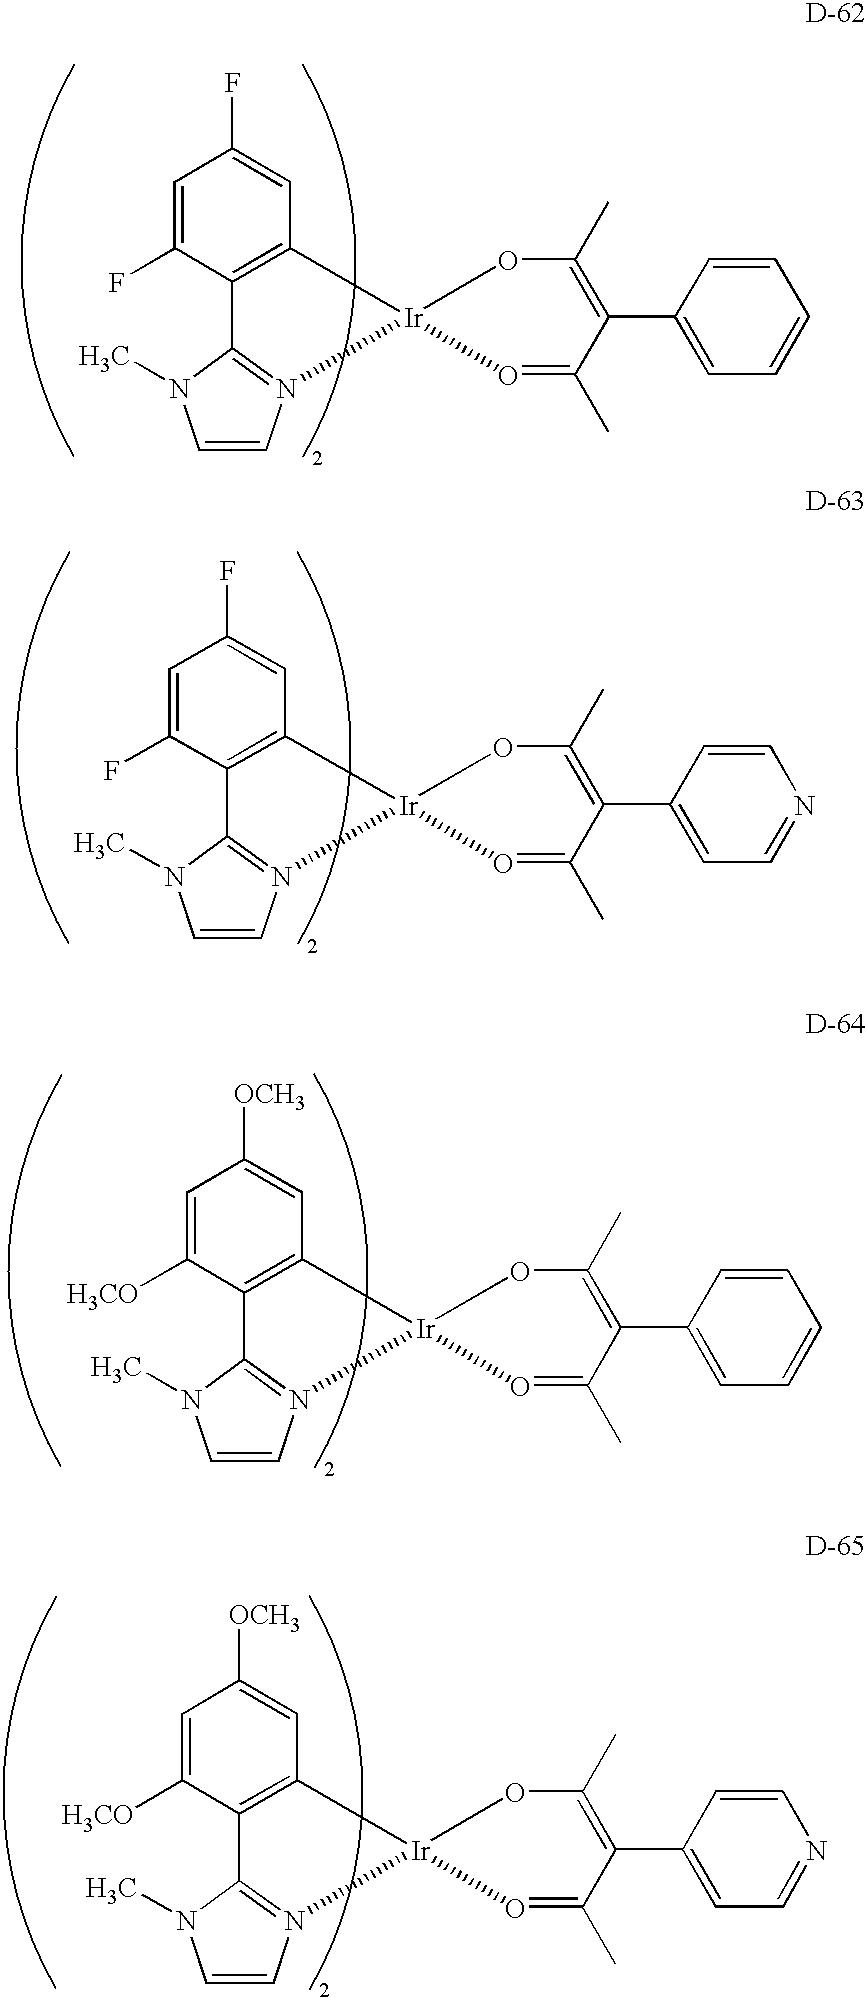 Figure US07504657-20090317-C00015